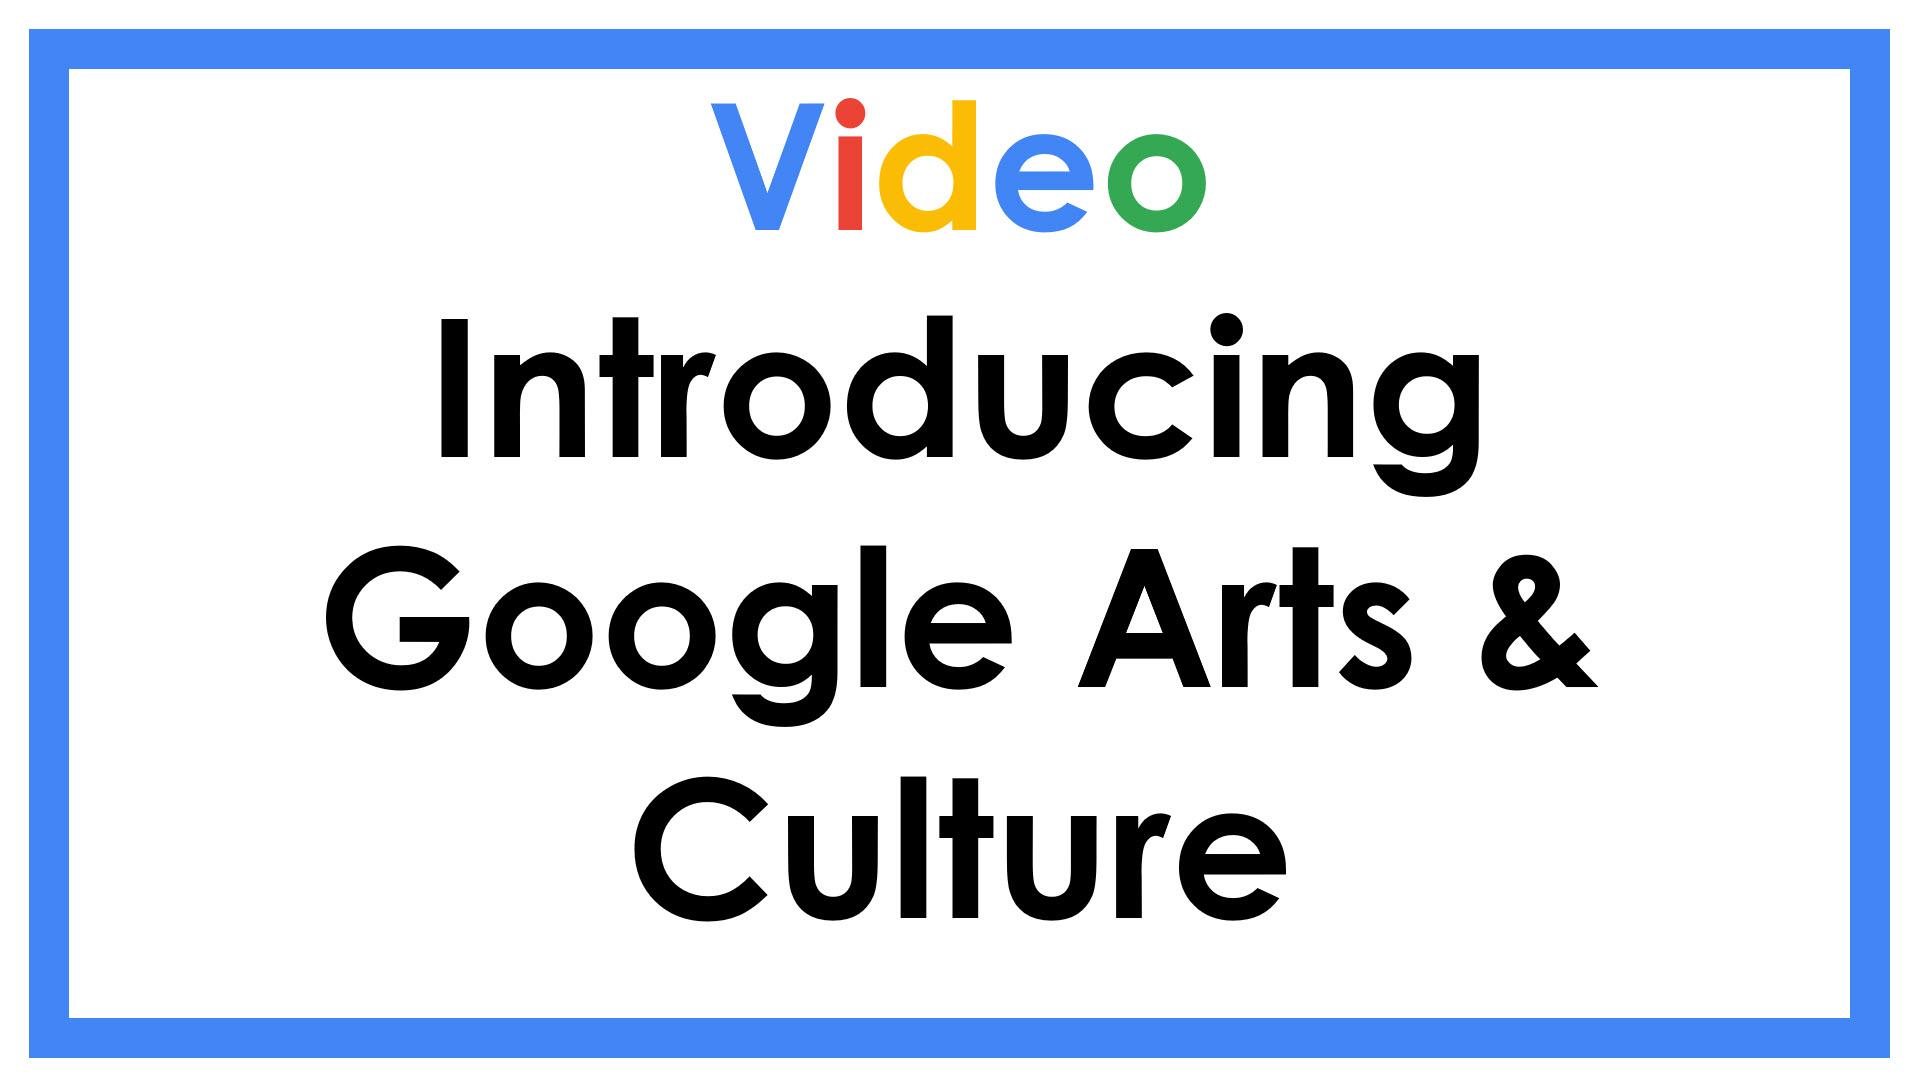 Video Introducing Google Arts & Culture